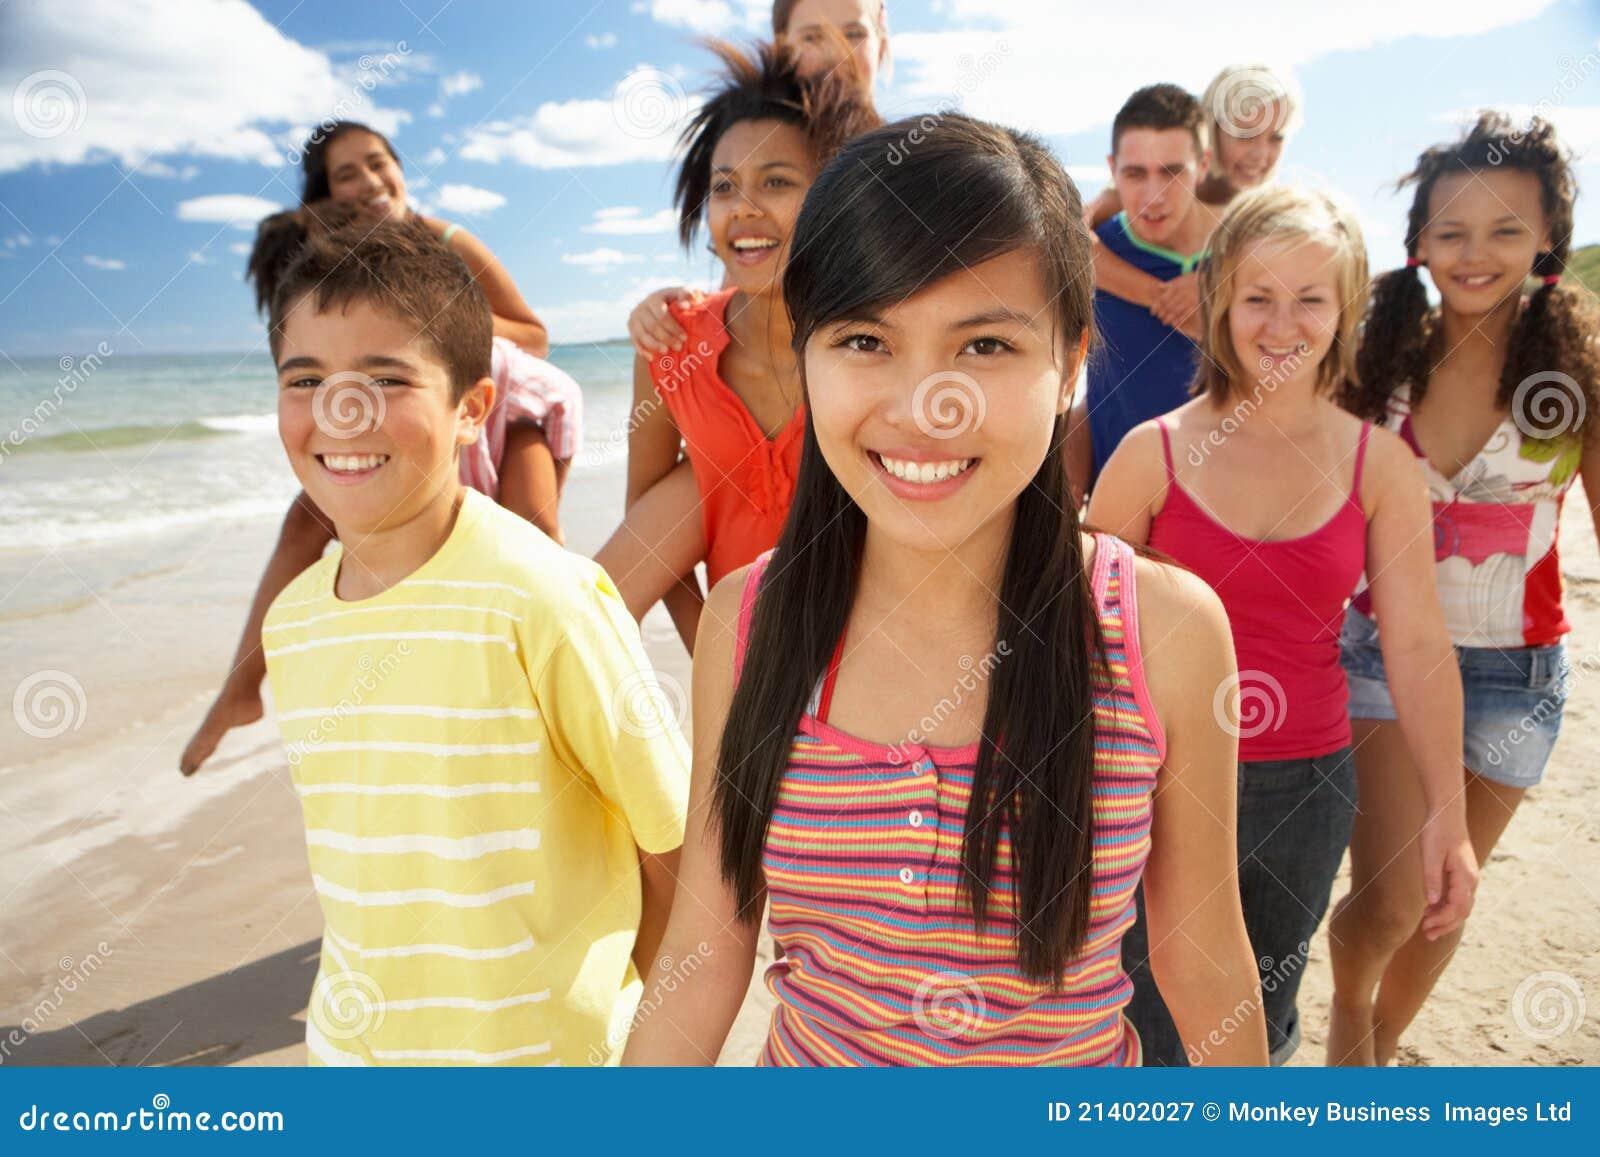 Teenagers walking on beach